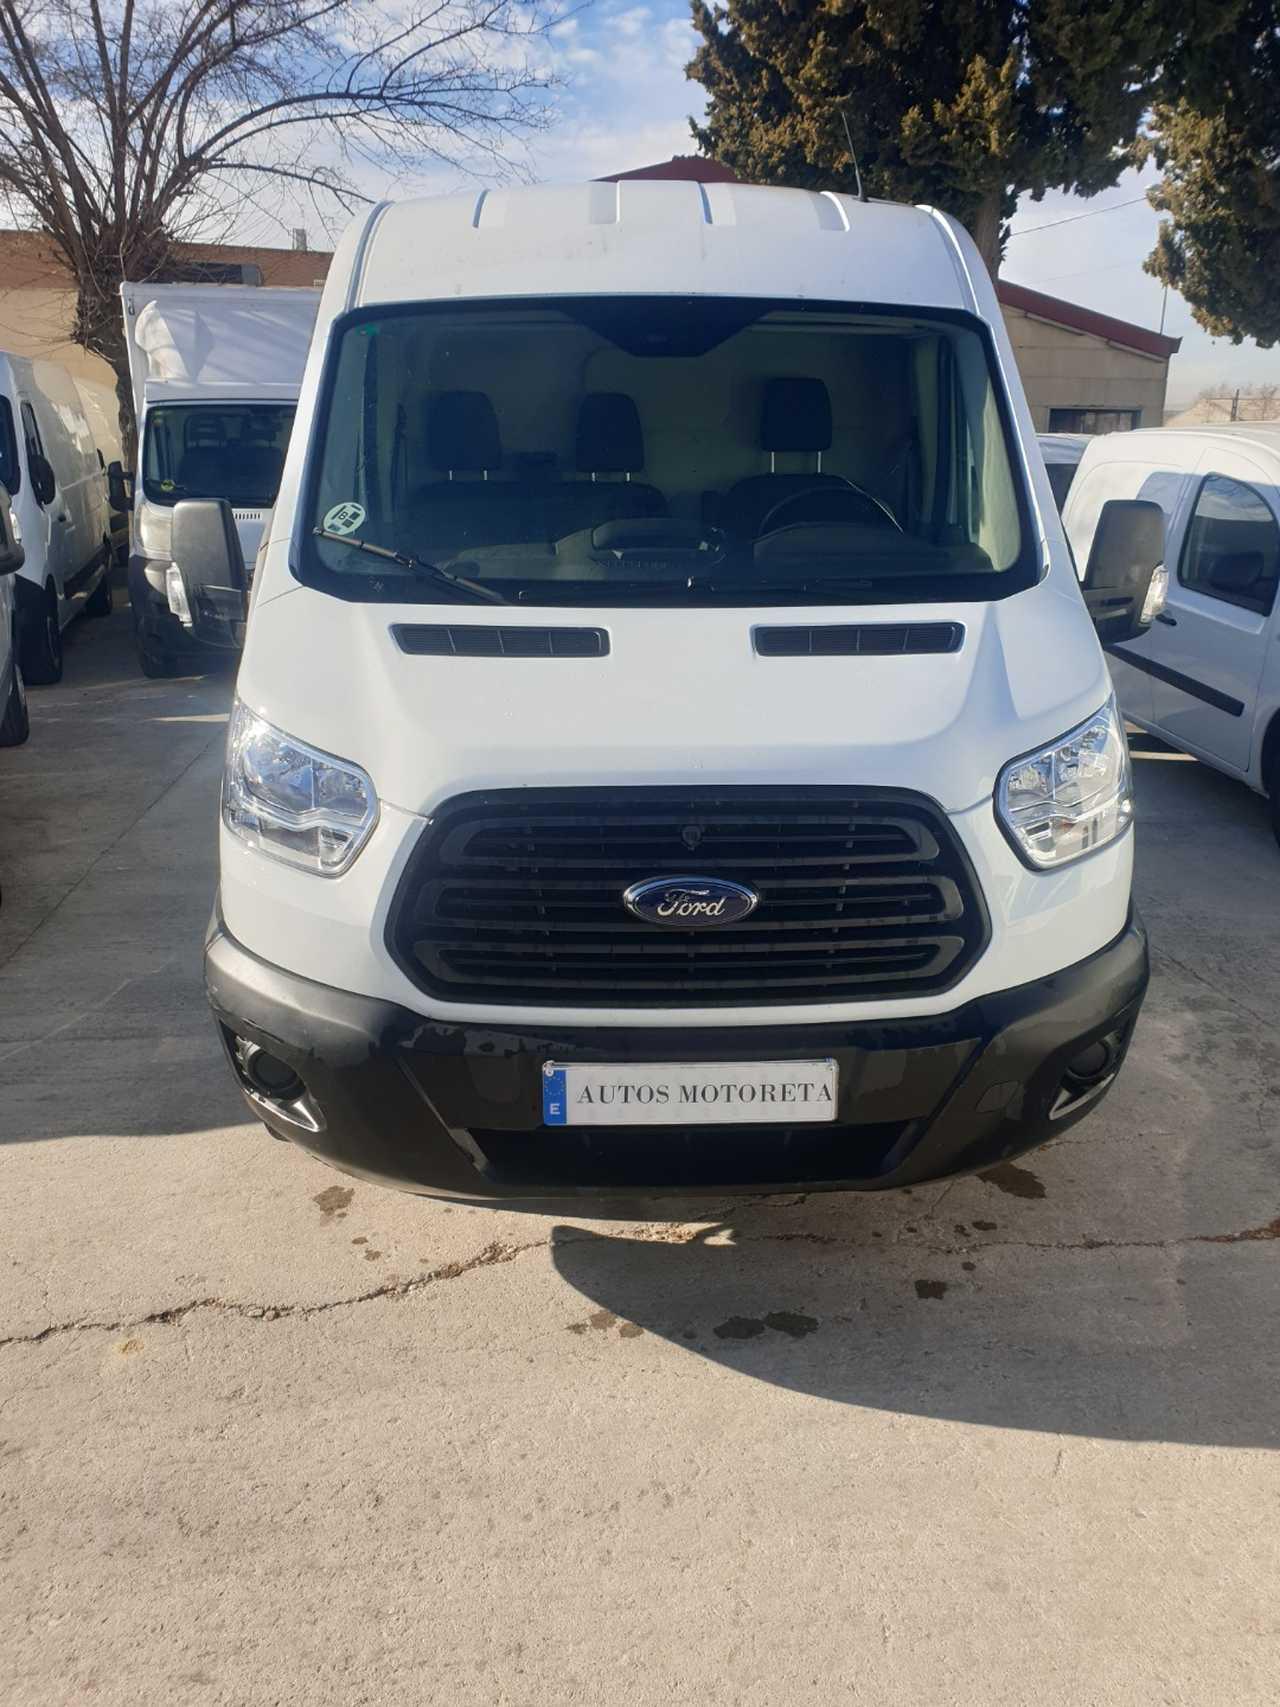 Ford Transit  Furgon L2 H2 100CV   - Foto 1